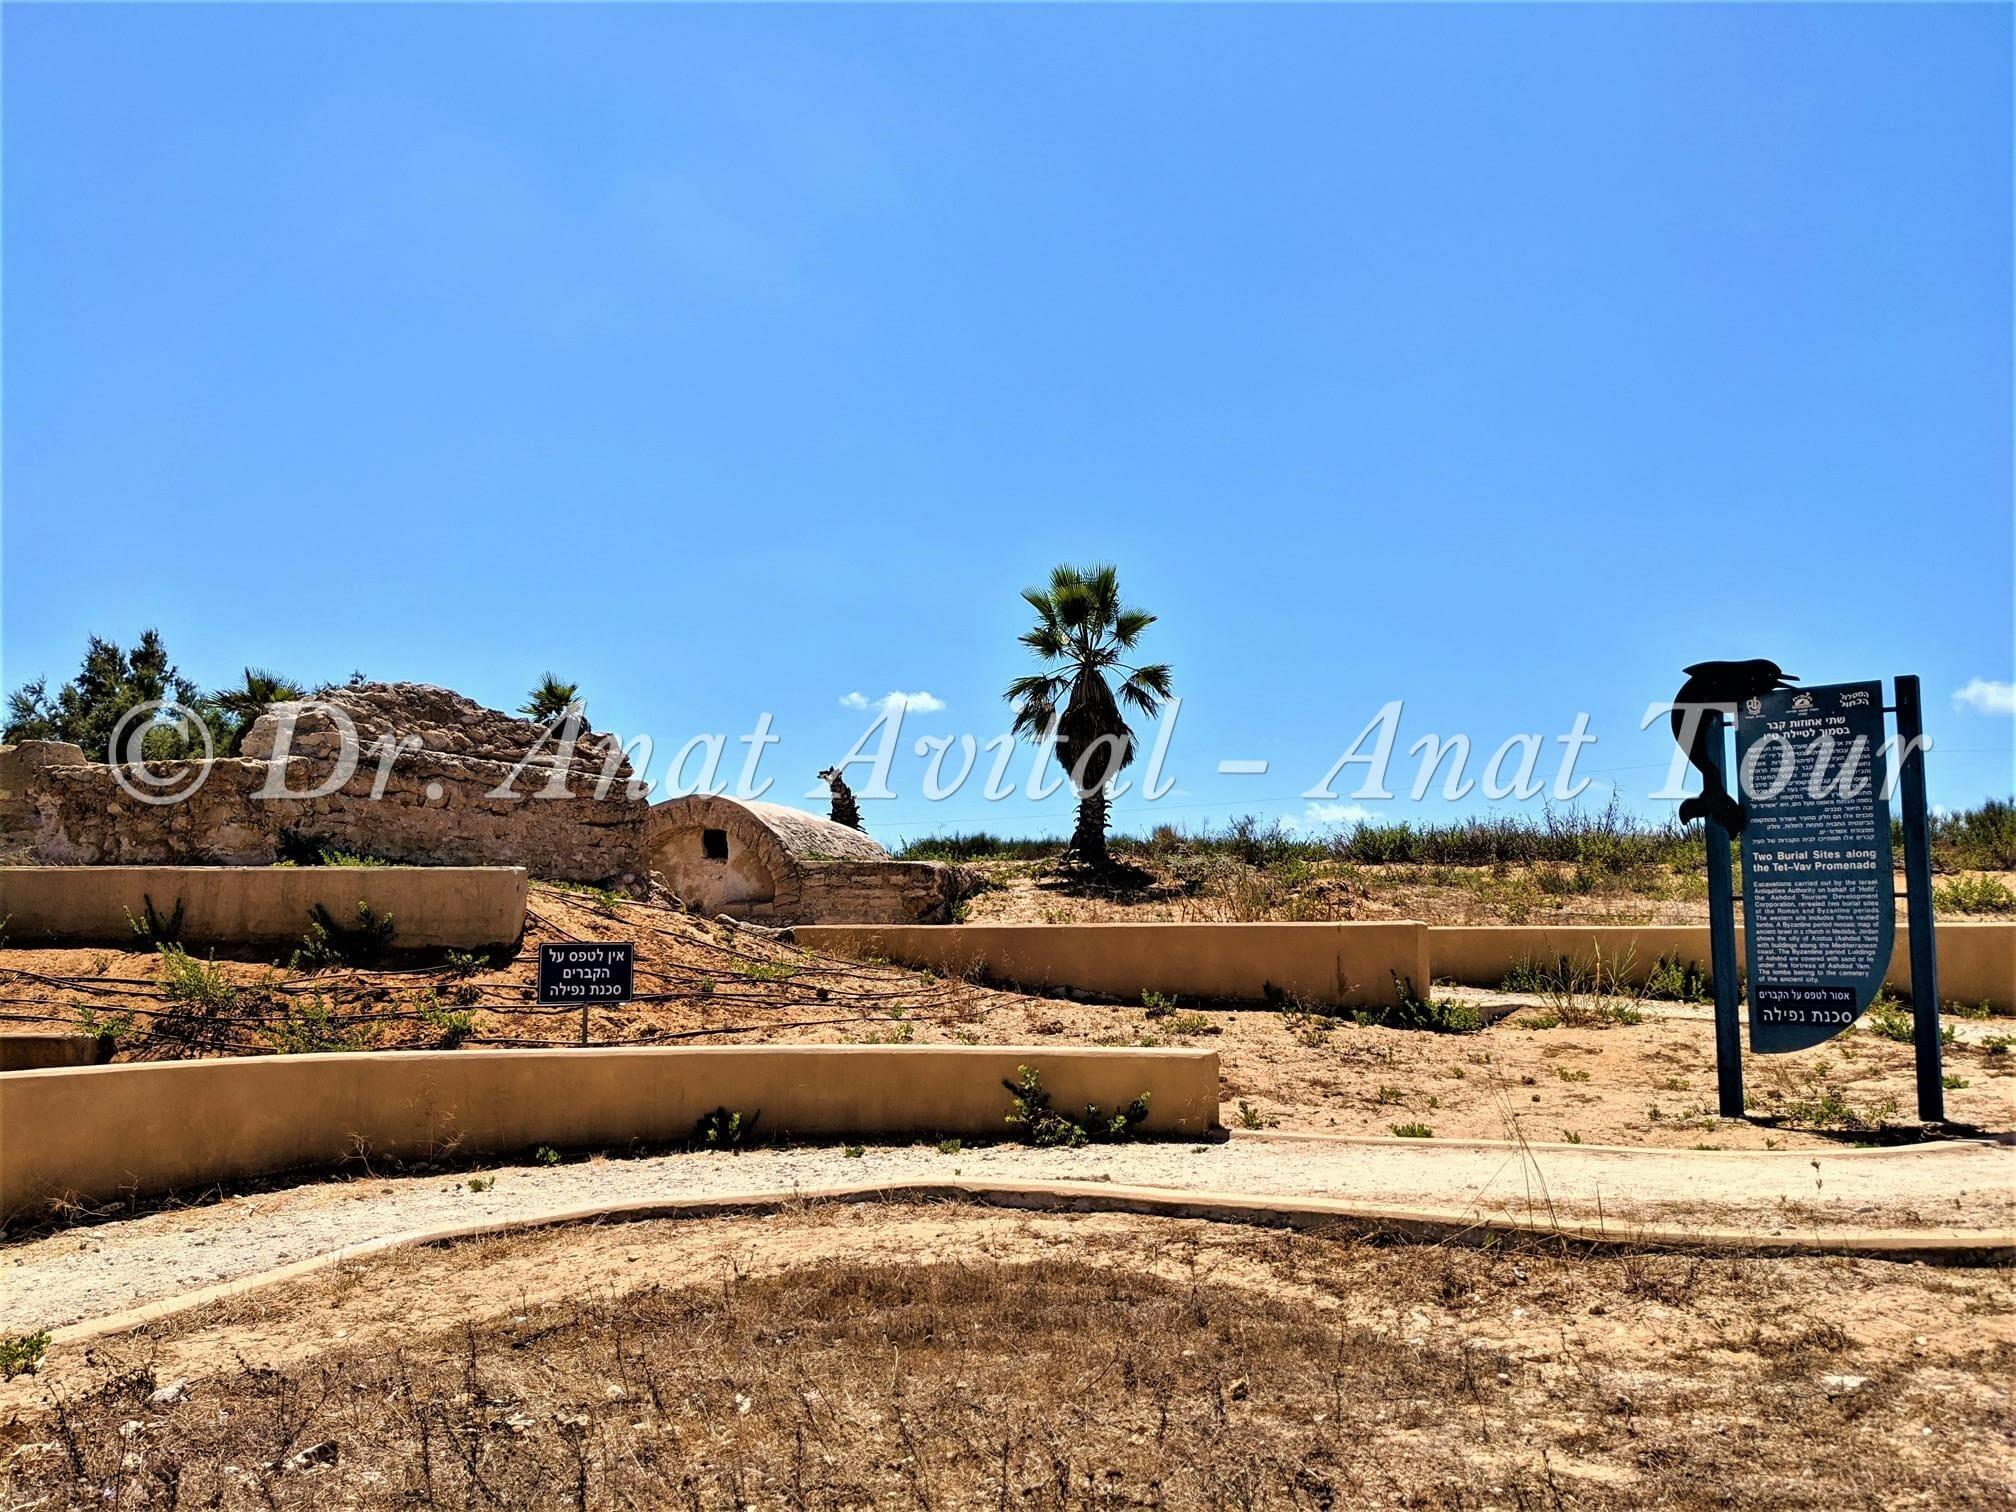 """אחוזות קבר ליד מצודת אשדוד ים, צילום: ד""""ר ענת אביטל"""